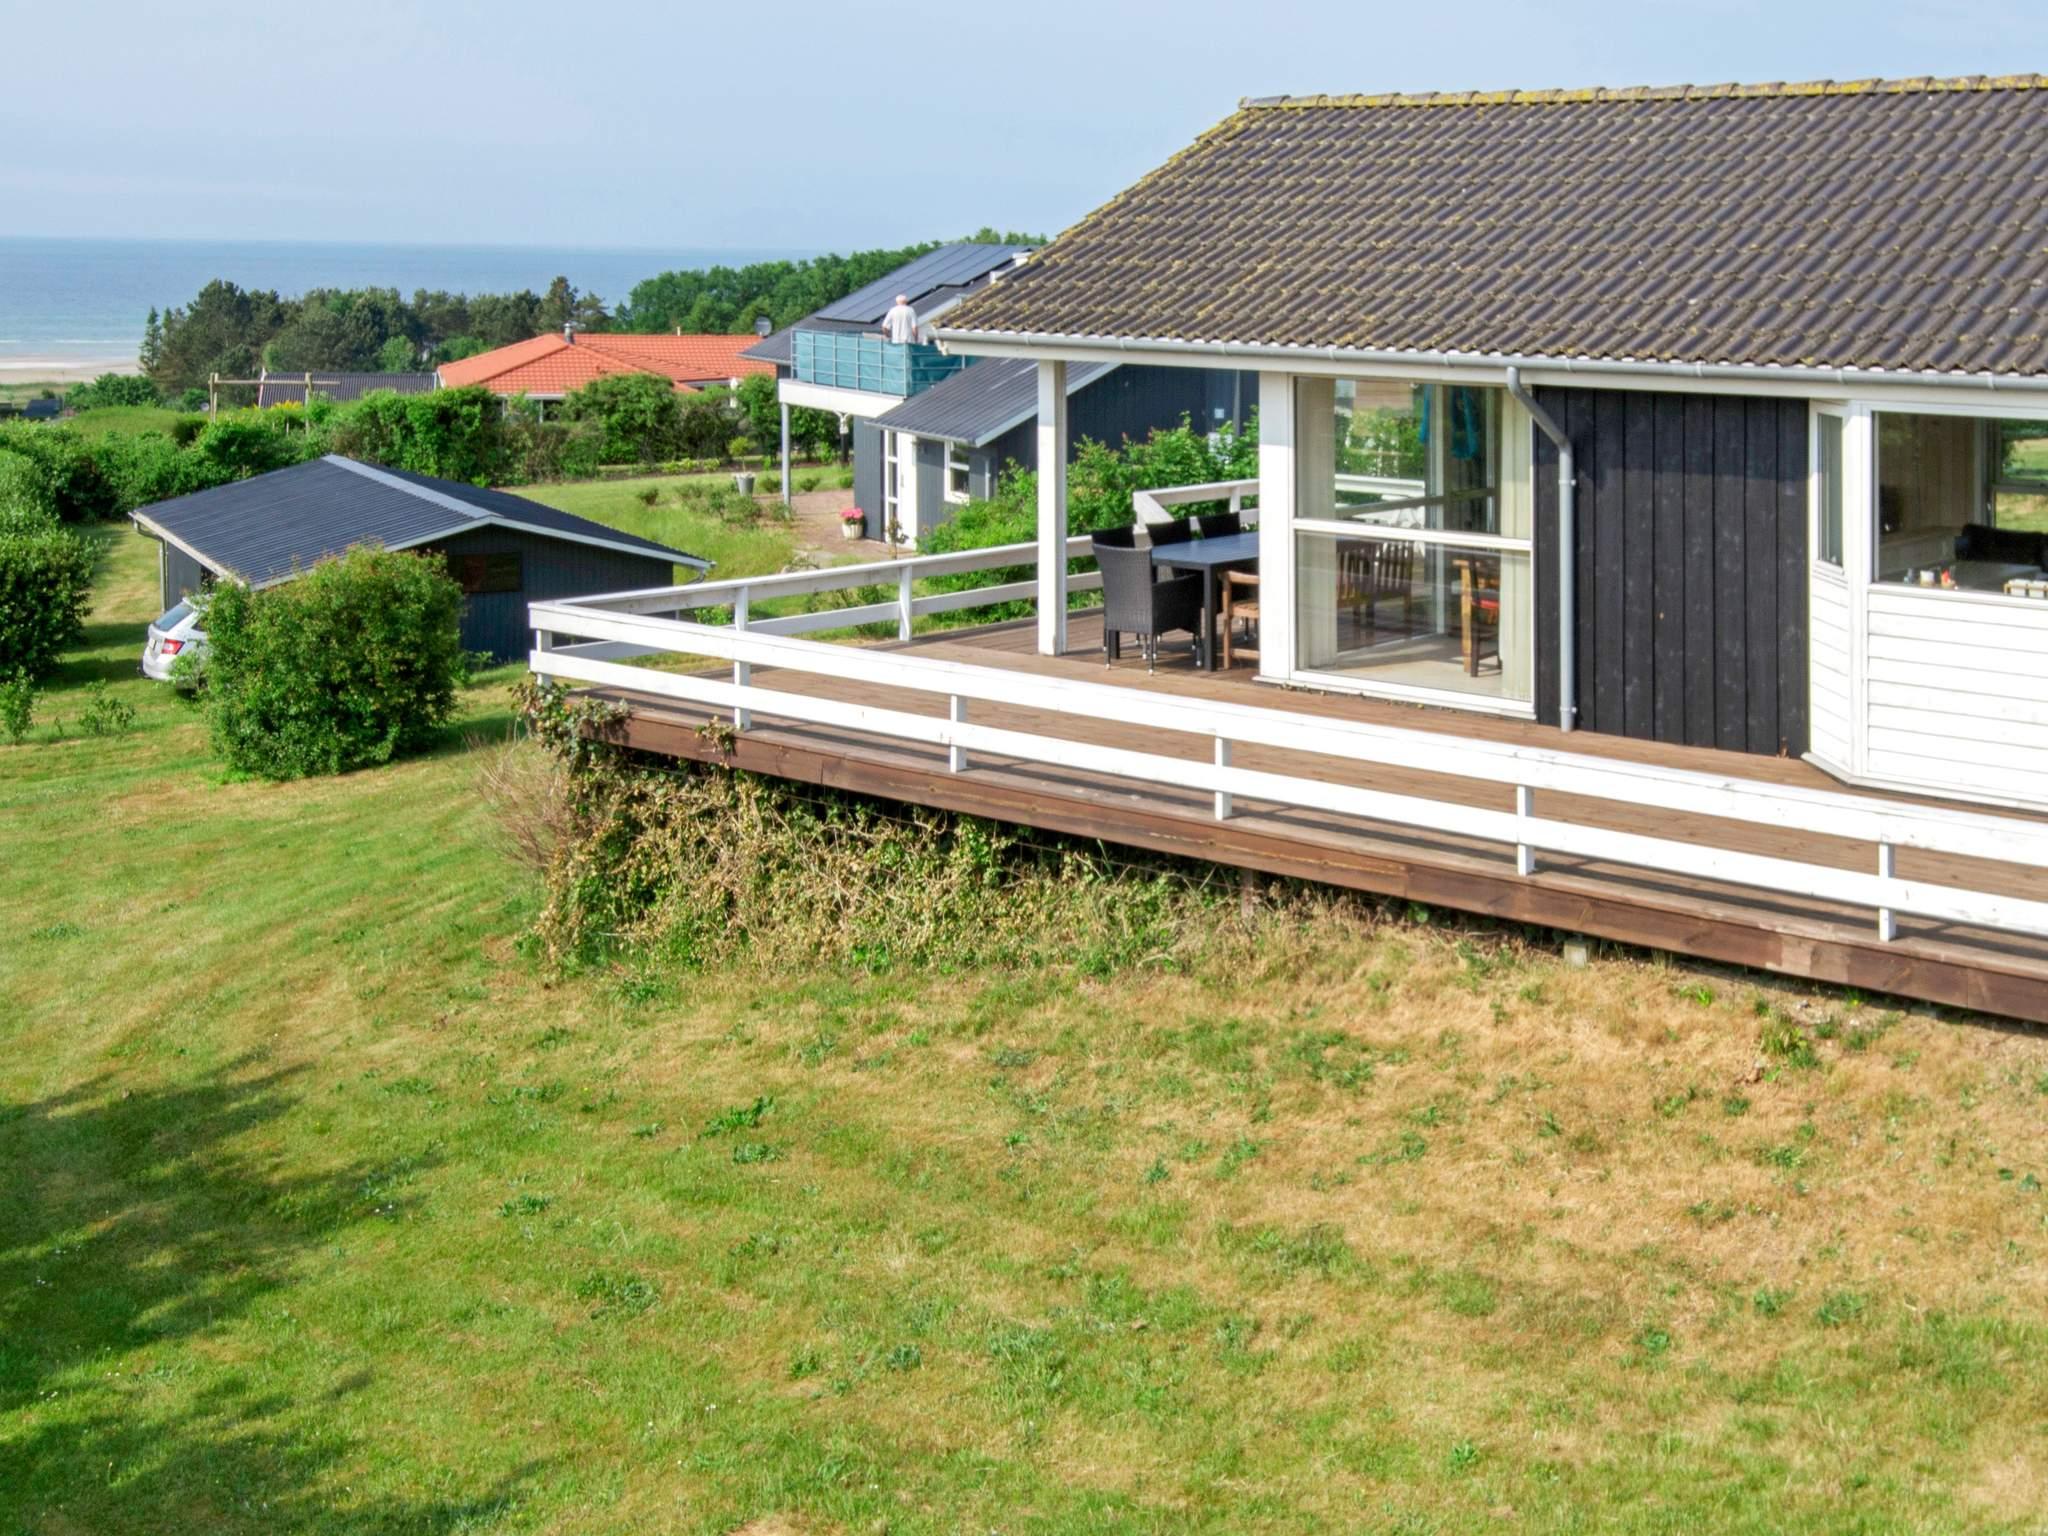 Ferienhaus Bønnerup Strand (601852), Bønnerup, , Ostjütland, Dänemark, Bild 29